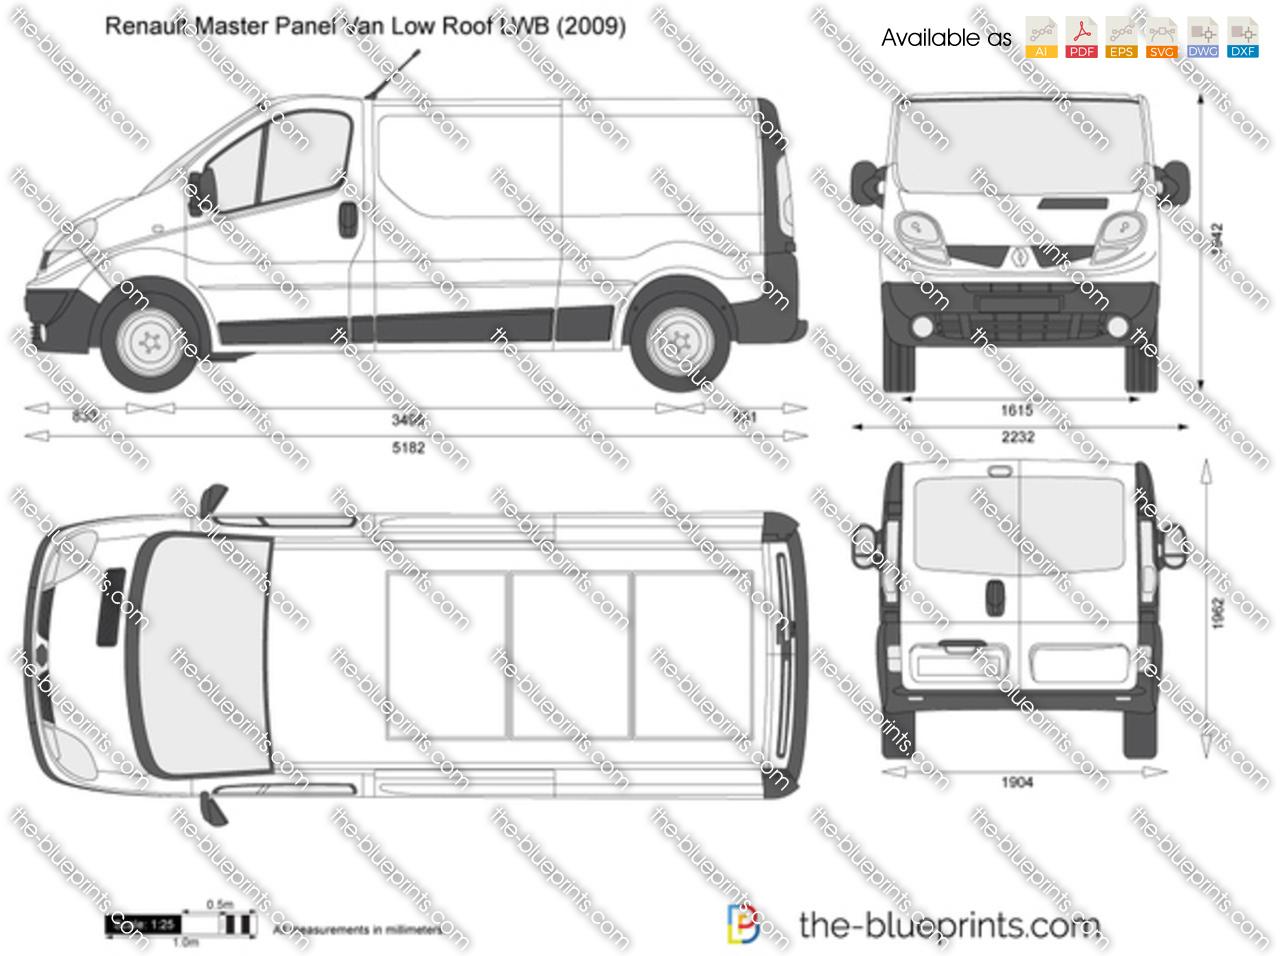 Renault Trafic Panel Van Low Roof LWB 2004